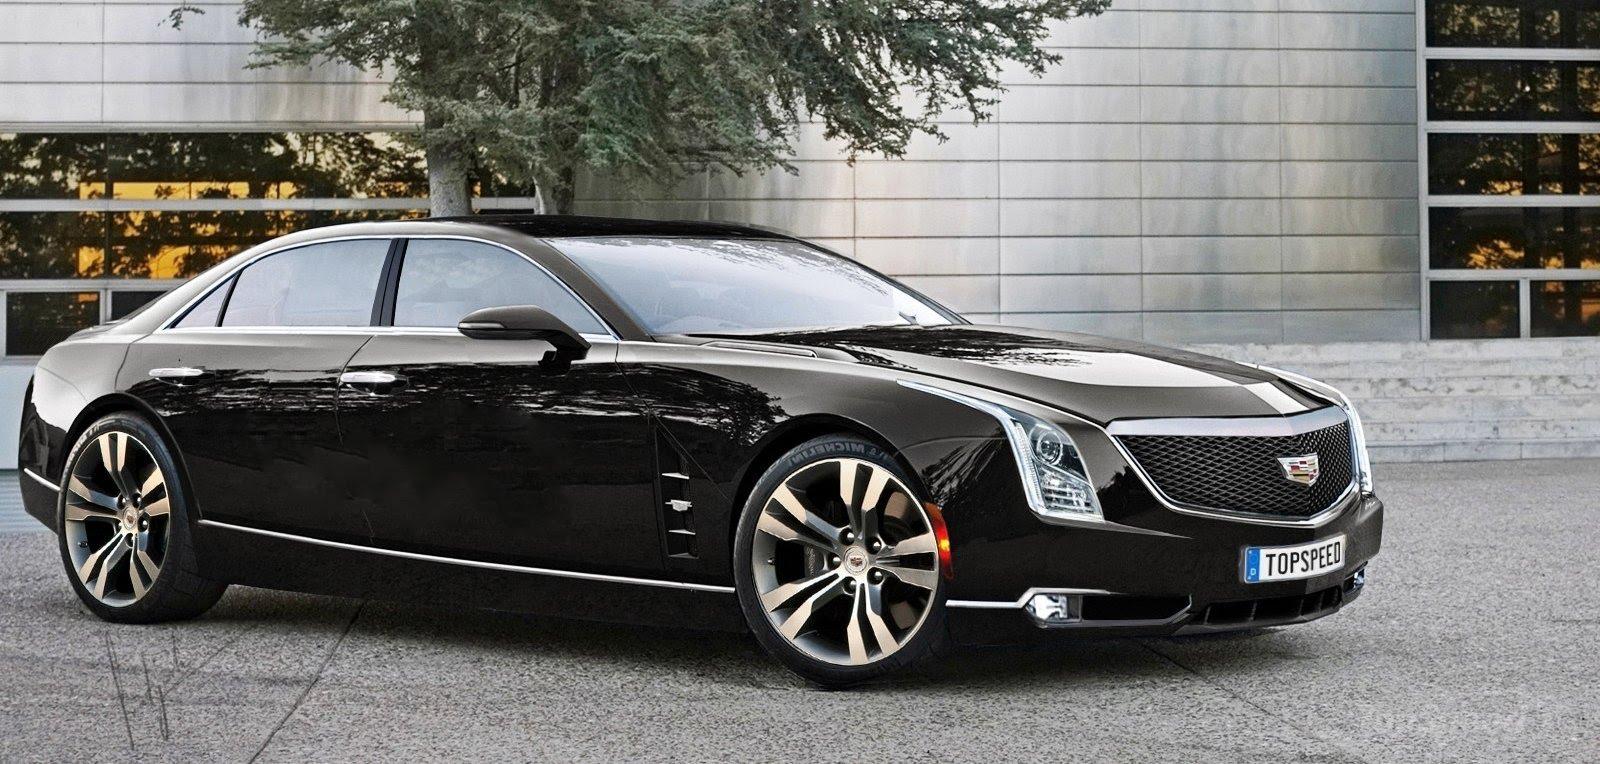 Cadillac выпустит самую дорогую модель в истории компании   СЕРВИС-ПРОФИ Днепропетровск